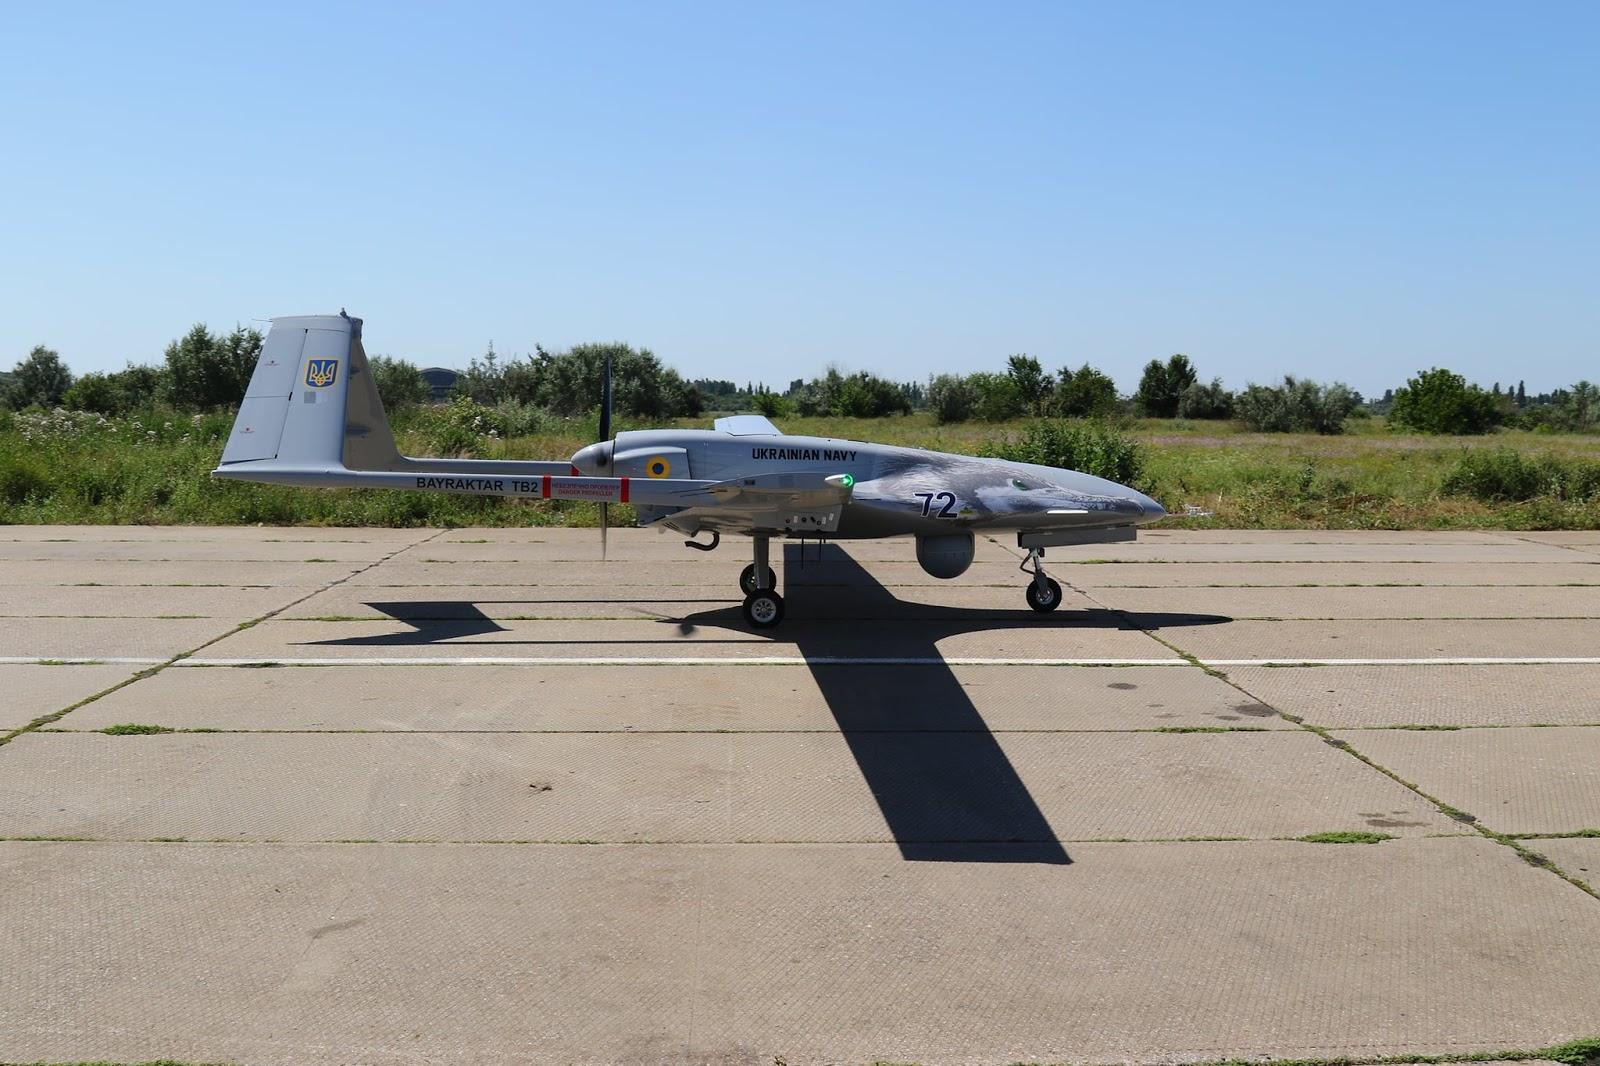 Перший Bayraktar TB2 для ВМС поставлено в Україну